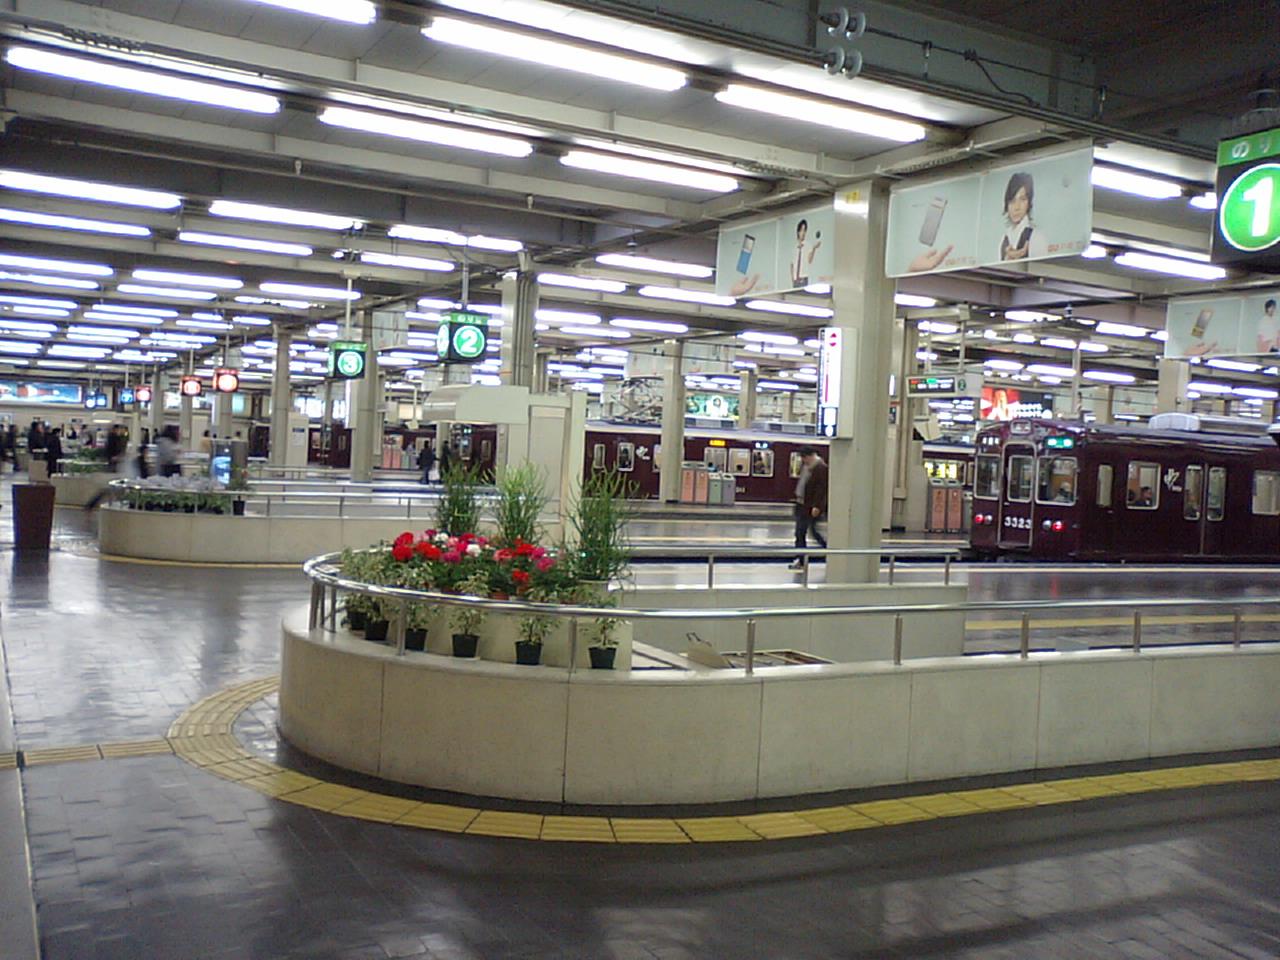 【大阪】大阪 阪急うめだのコンコース、なんかもう銀河鉄道999みたいなことになる [無断転載禁止]©2ch.netYouTube動画>1本 ->画像>134枚